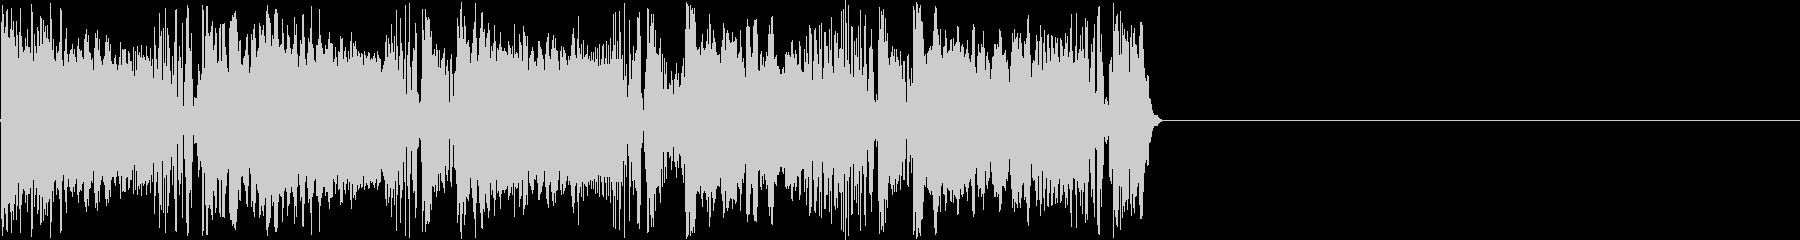 サイバーな機械電子音の未再生の波形